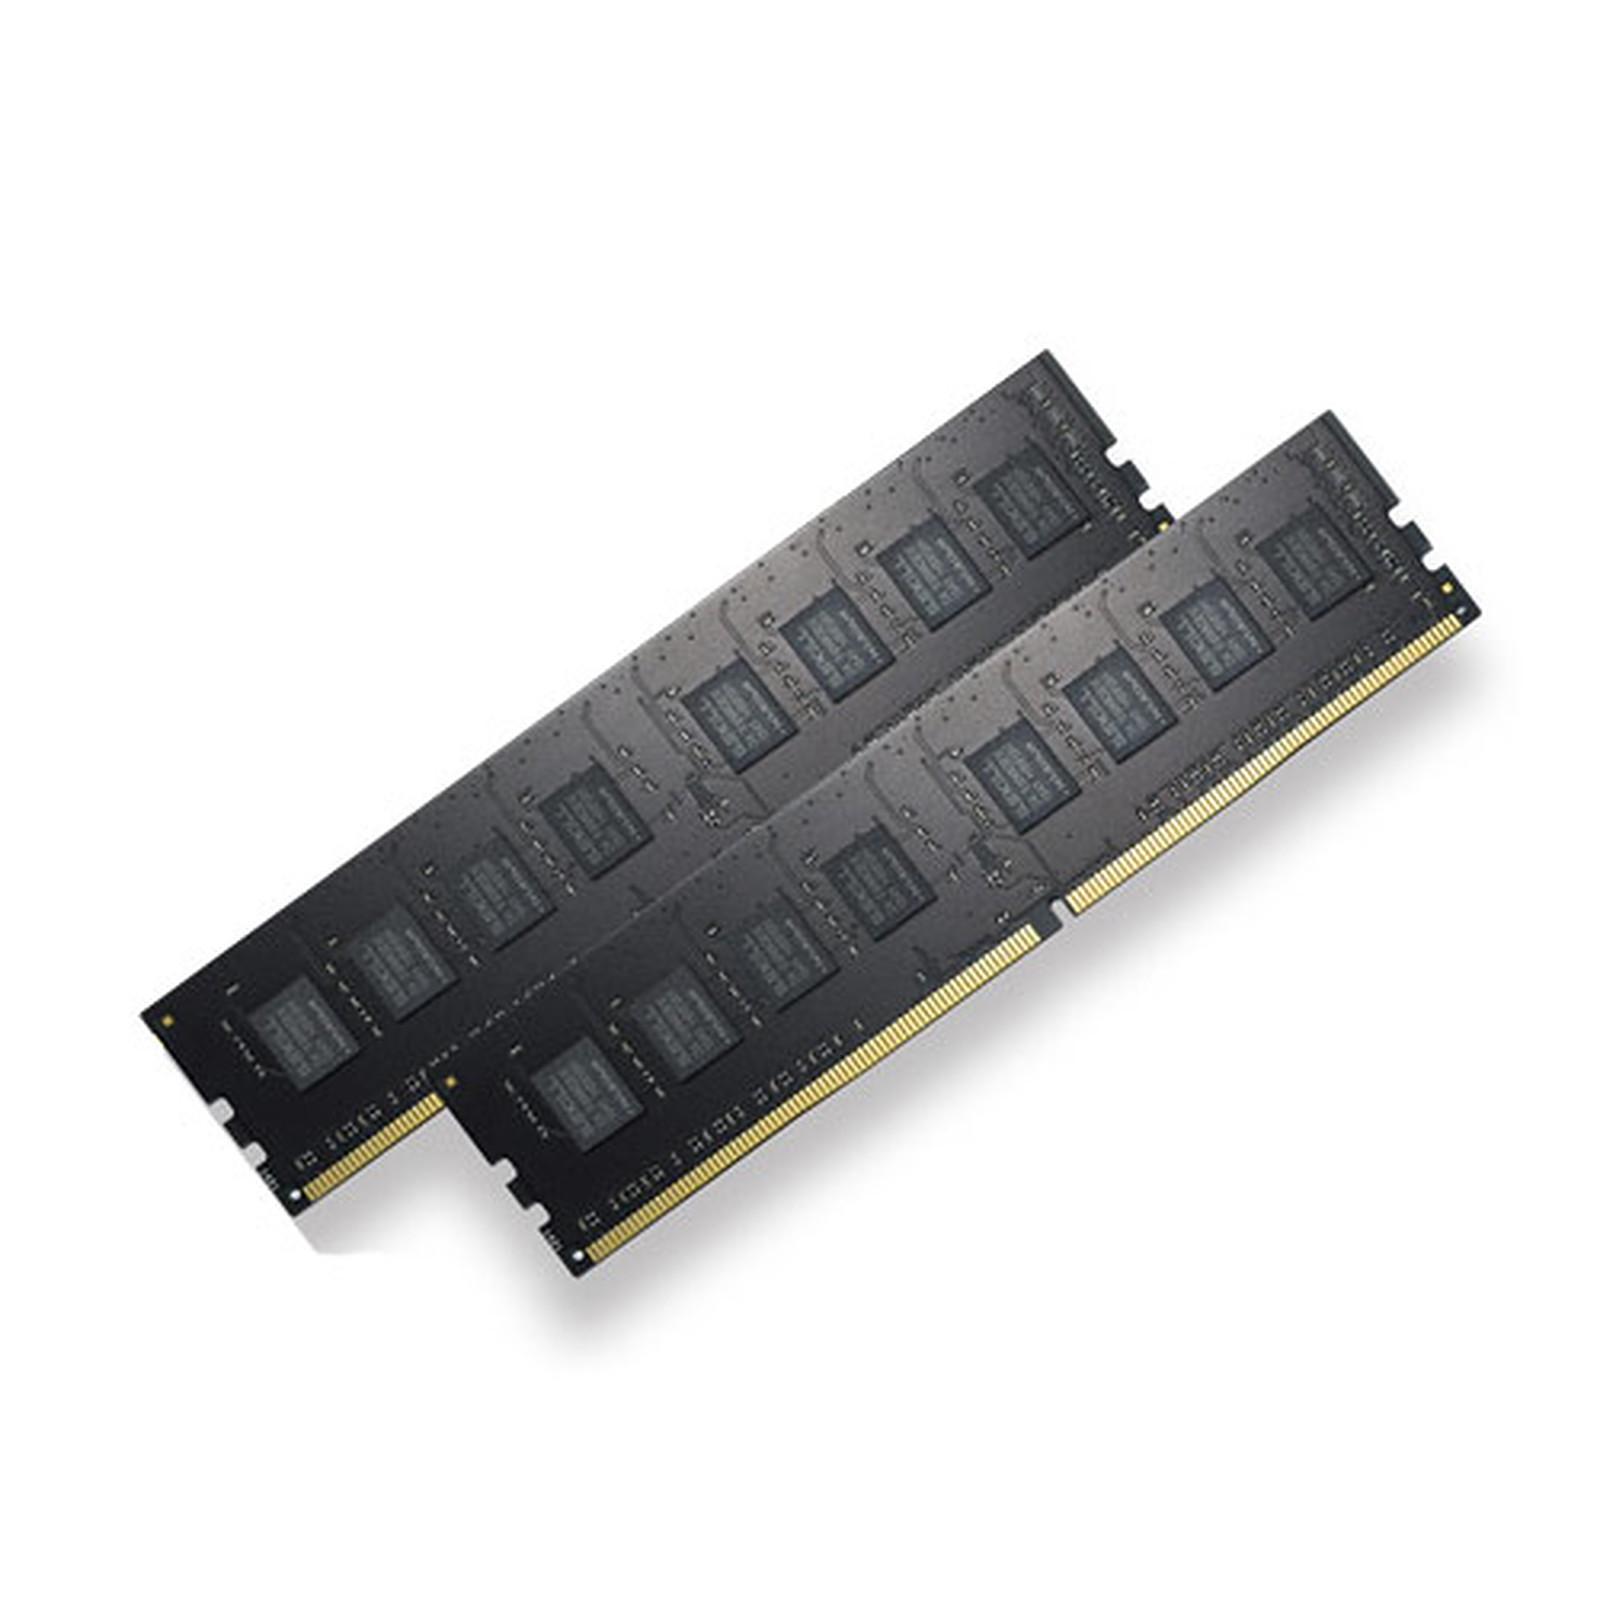 G.Skill RipJaws 4 Series 16 Go (2x 8 Go) DDR4 2400 MHz CL17